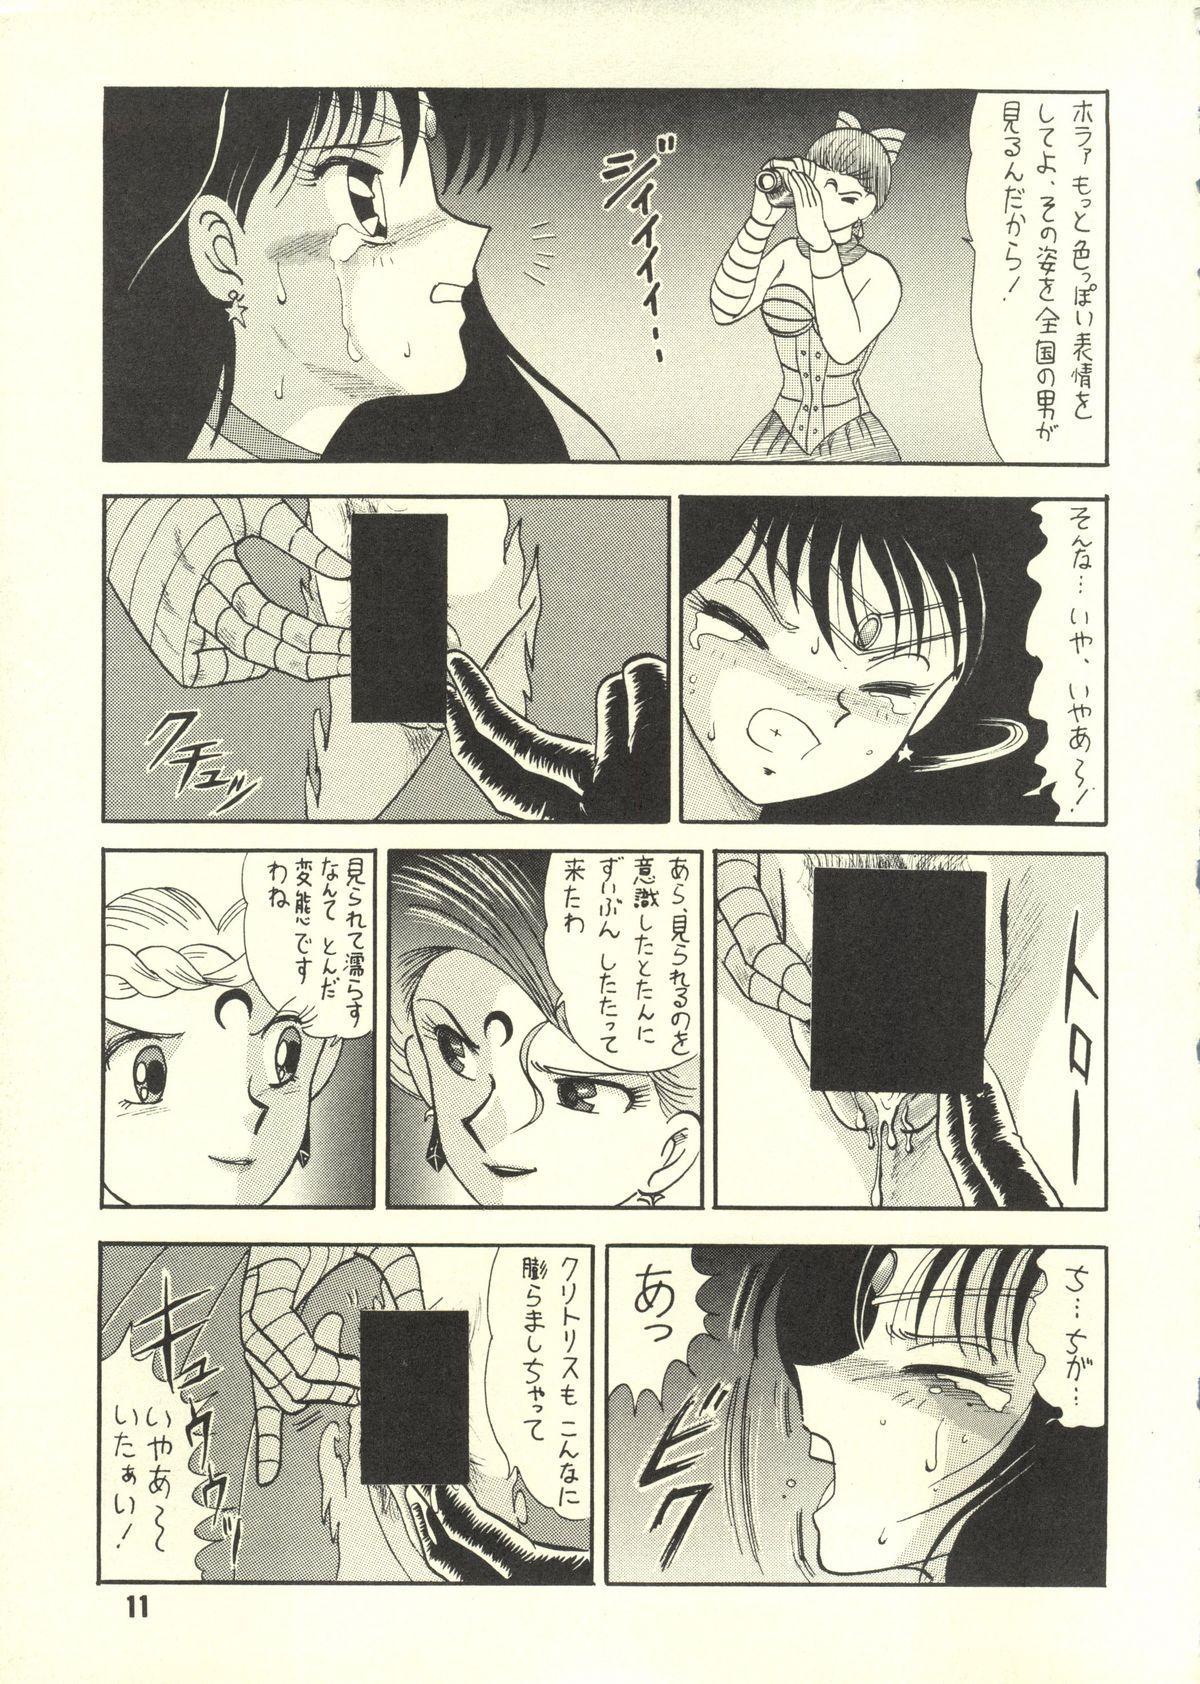 Sairoku hon 9